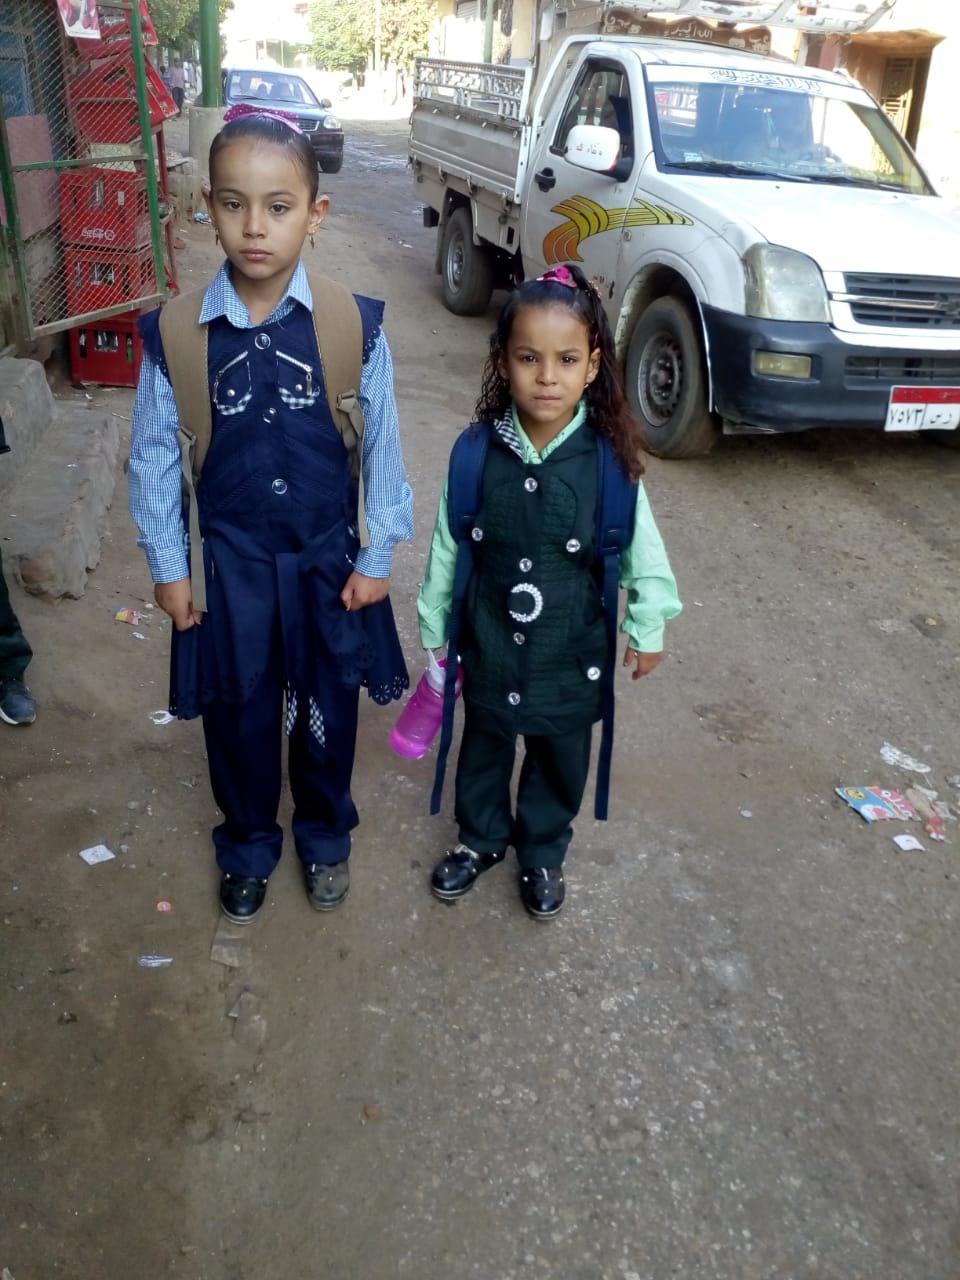 رنا وفرح فى طريقهما إلى المدرسة